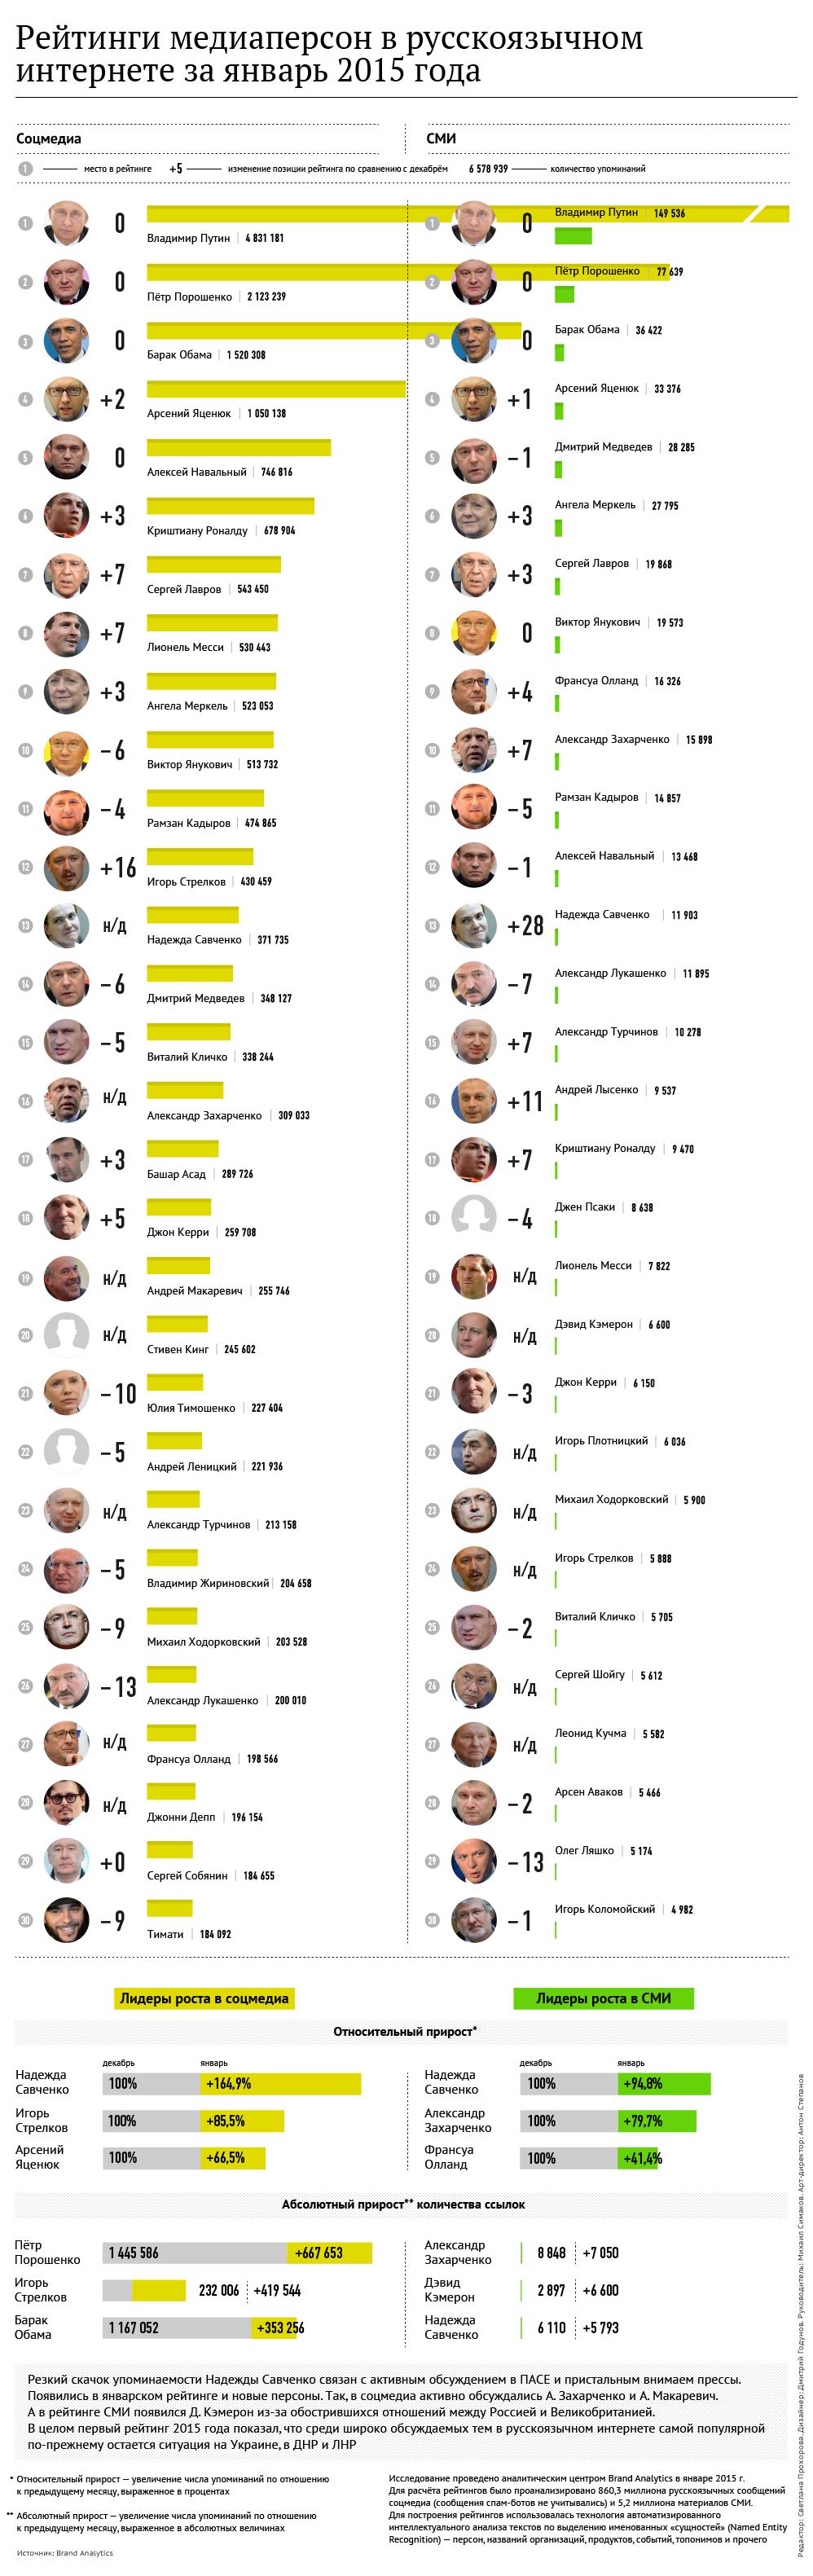 Рейтинги медиаперсон в русскоязычном интернете за январь 2015 года